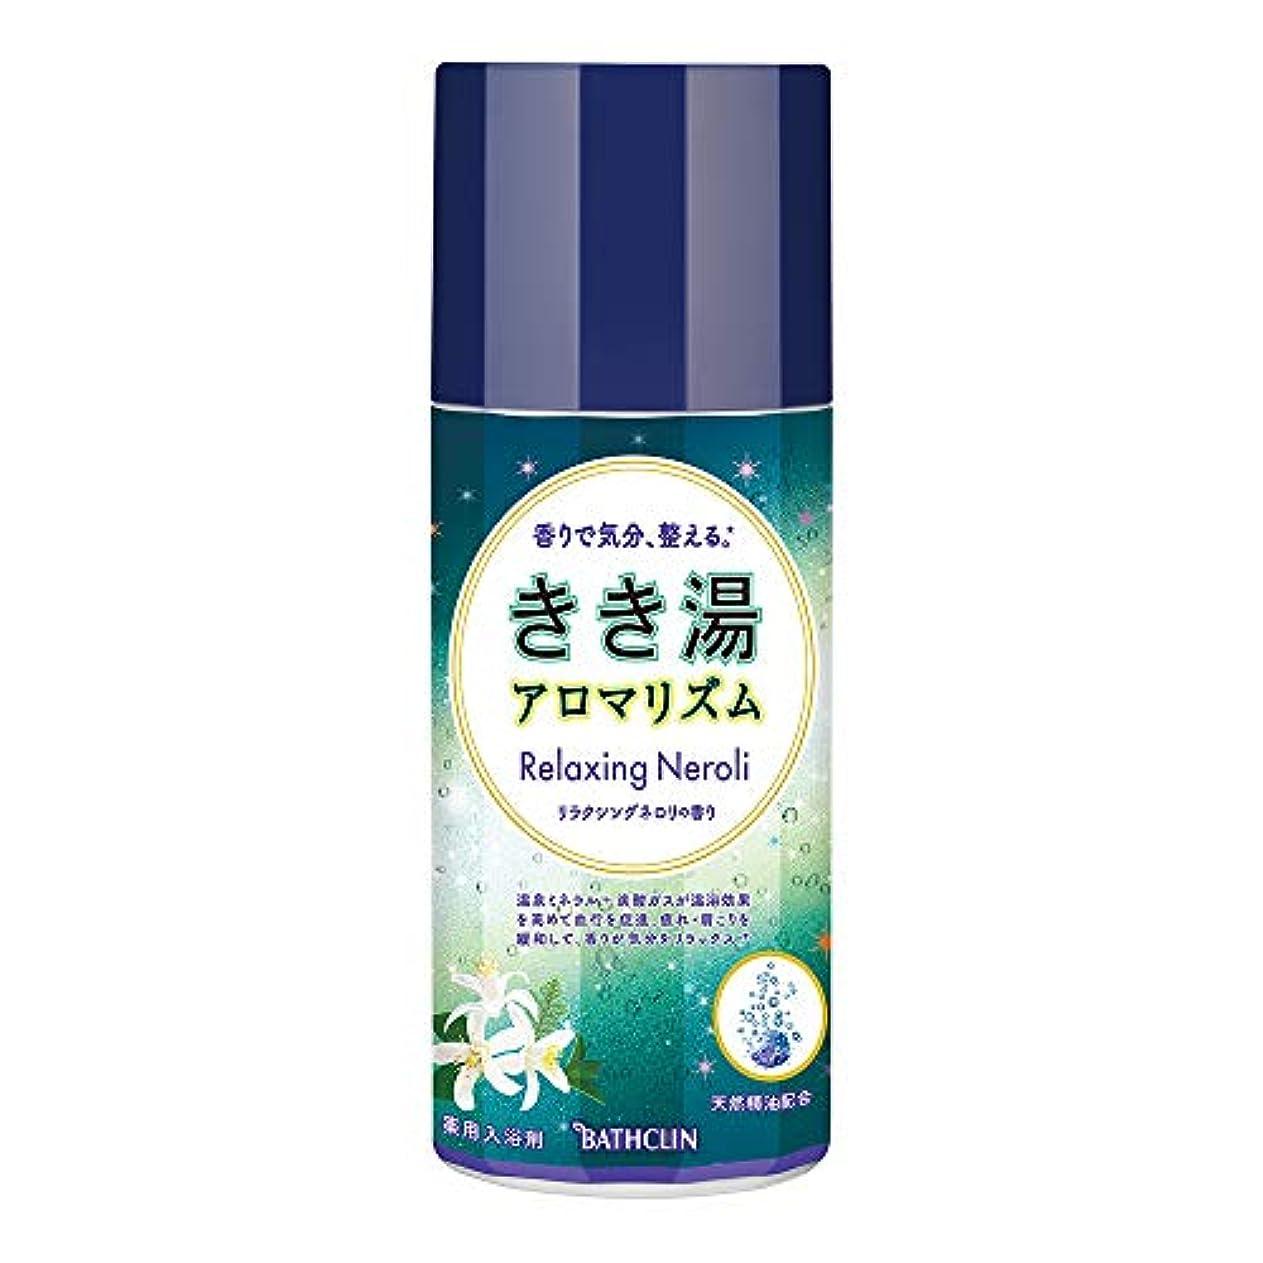 下に向けますエレメンタル民族主義【医薬部外品】きき湯アロマリズム炭酸入浴剤 リラクシングネロリの香り 360g 発泡タイプ